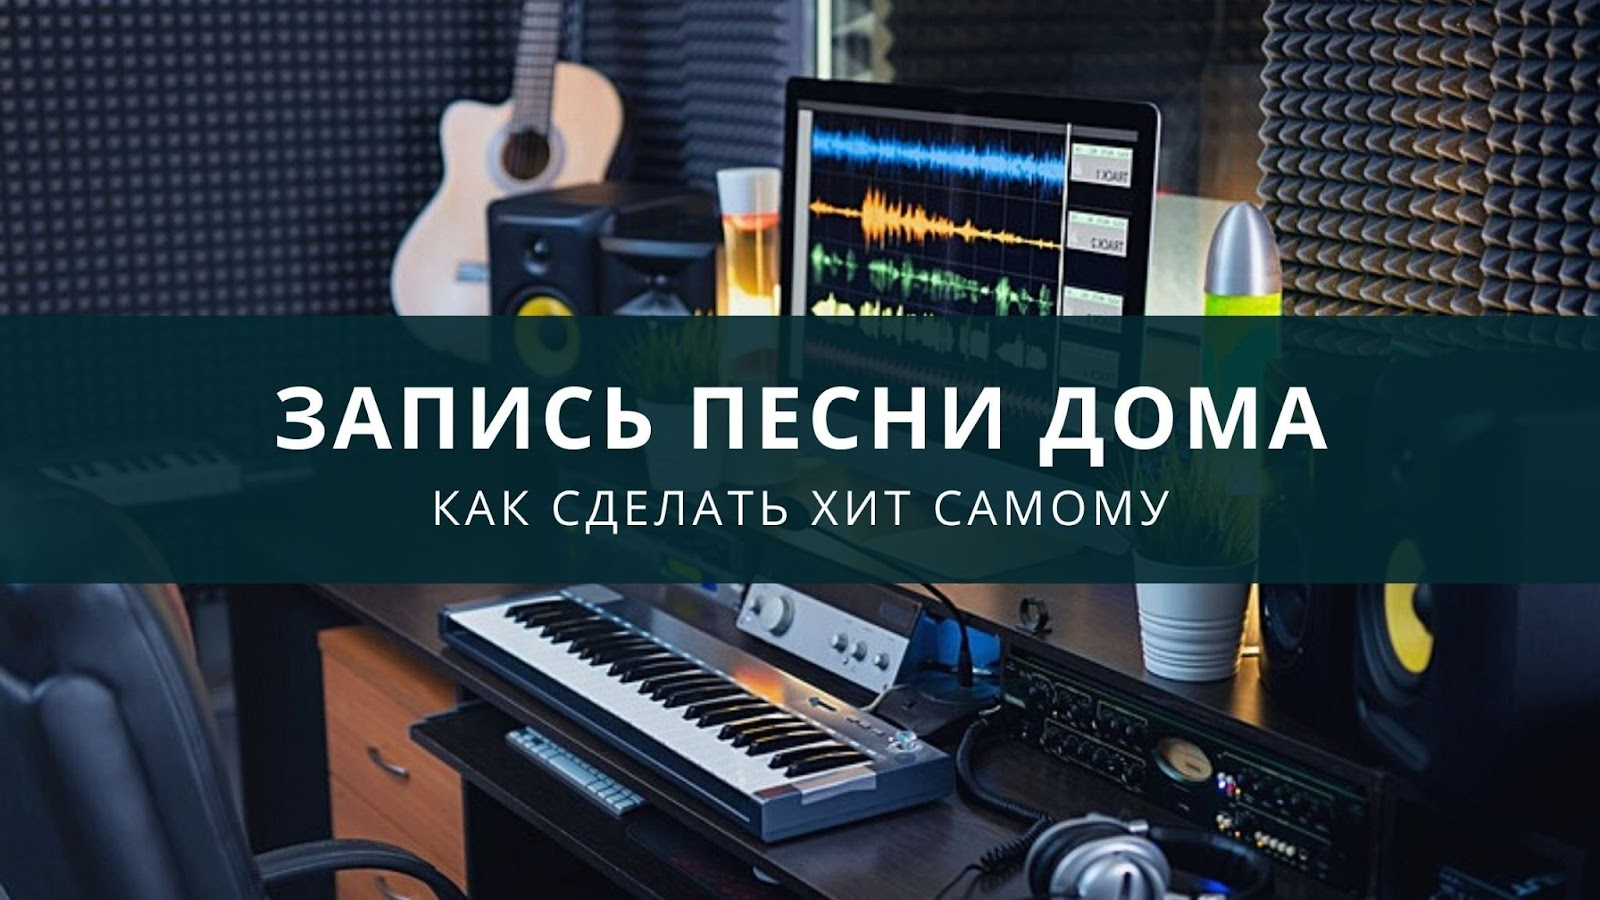 Что нужно для того, чтобы сочинить и записать свою песню дома: все о домашней записи хита